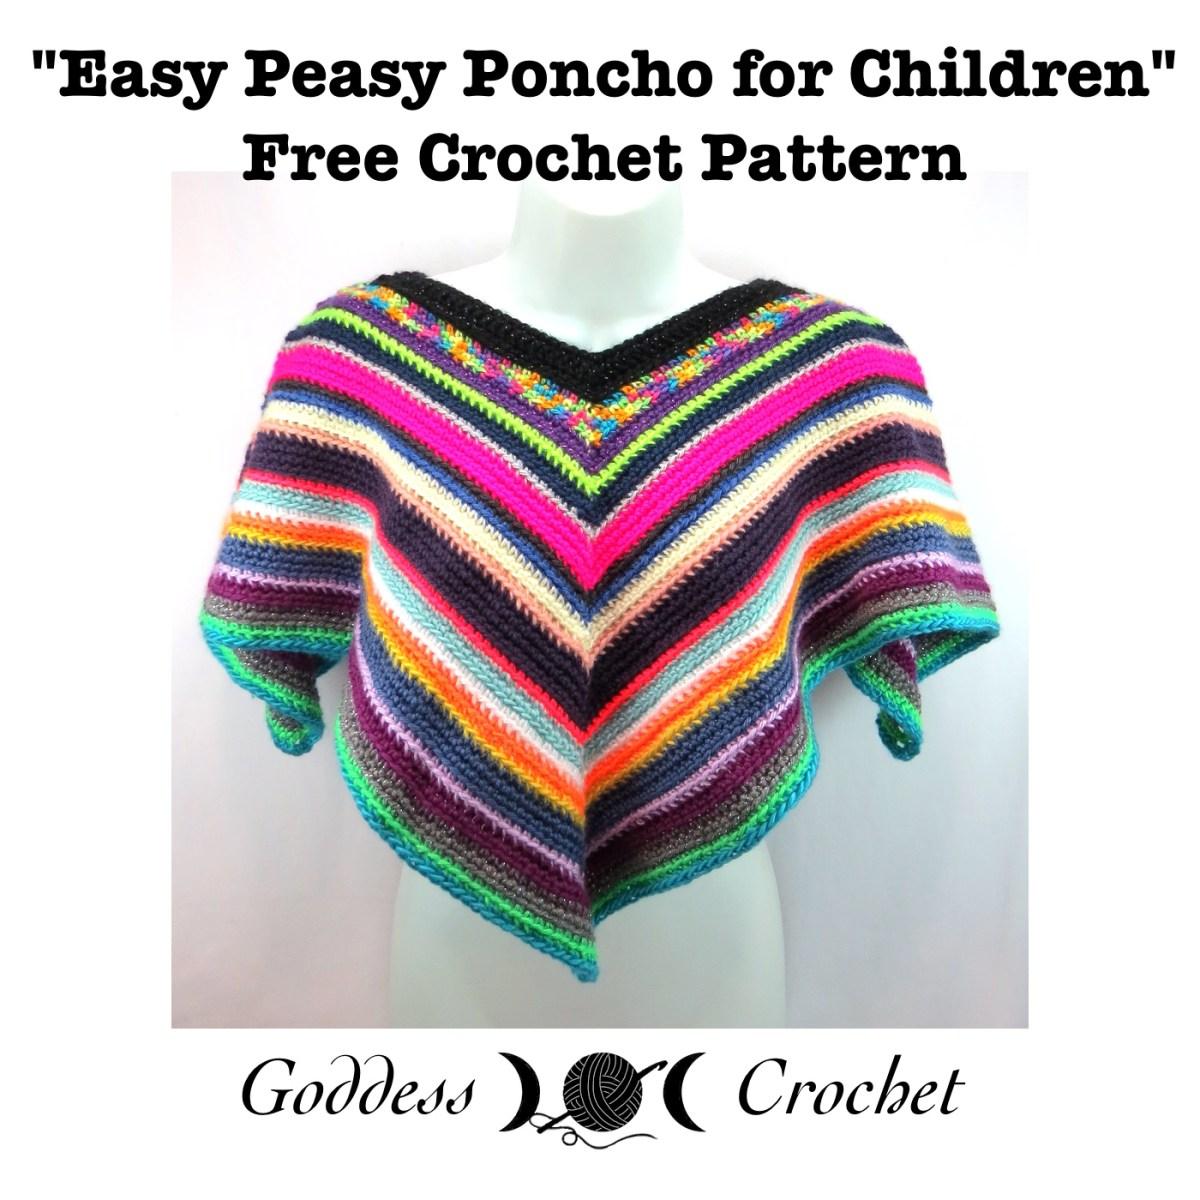 Easy Peasy Poncho for Children – Free Crochet Pattern – Goddess Crochet